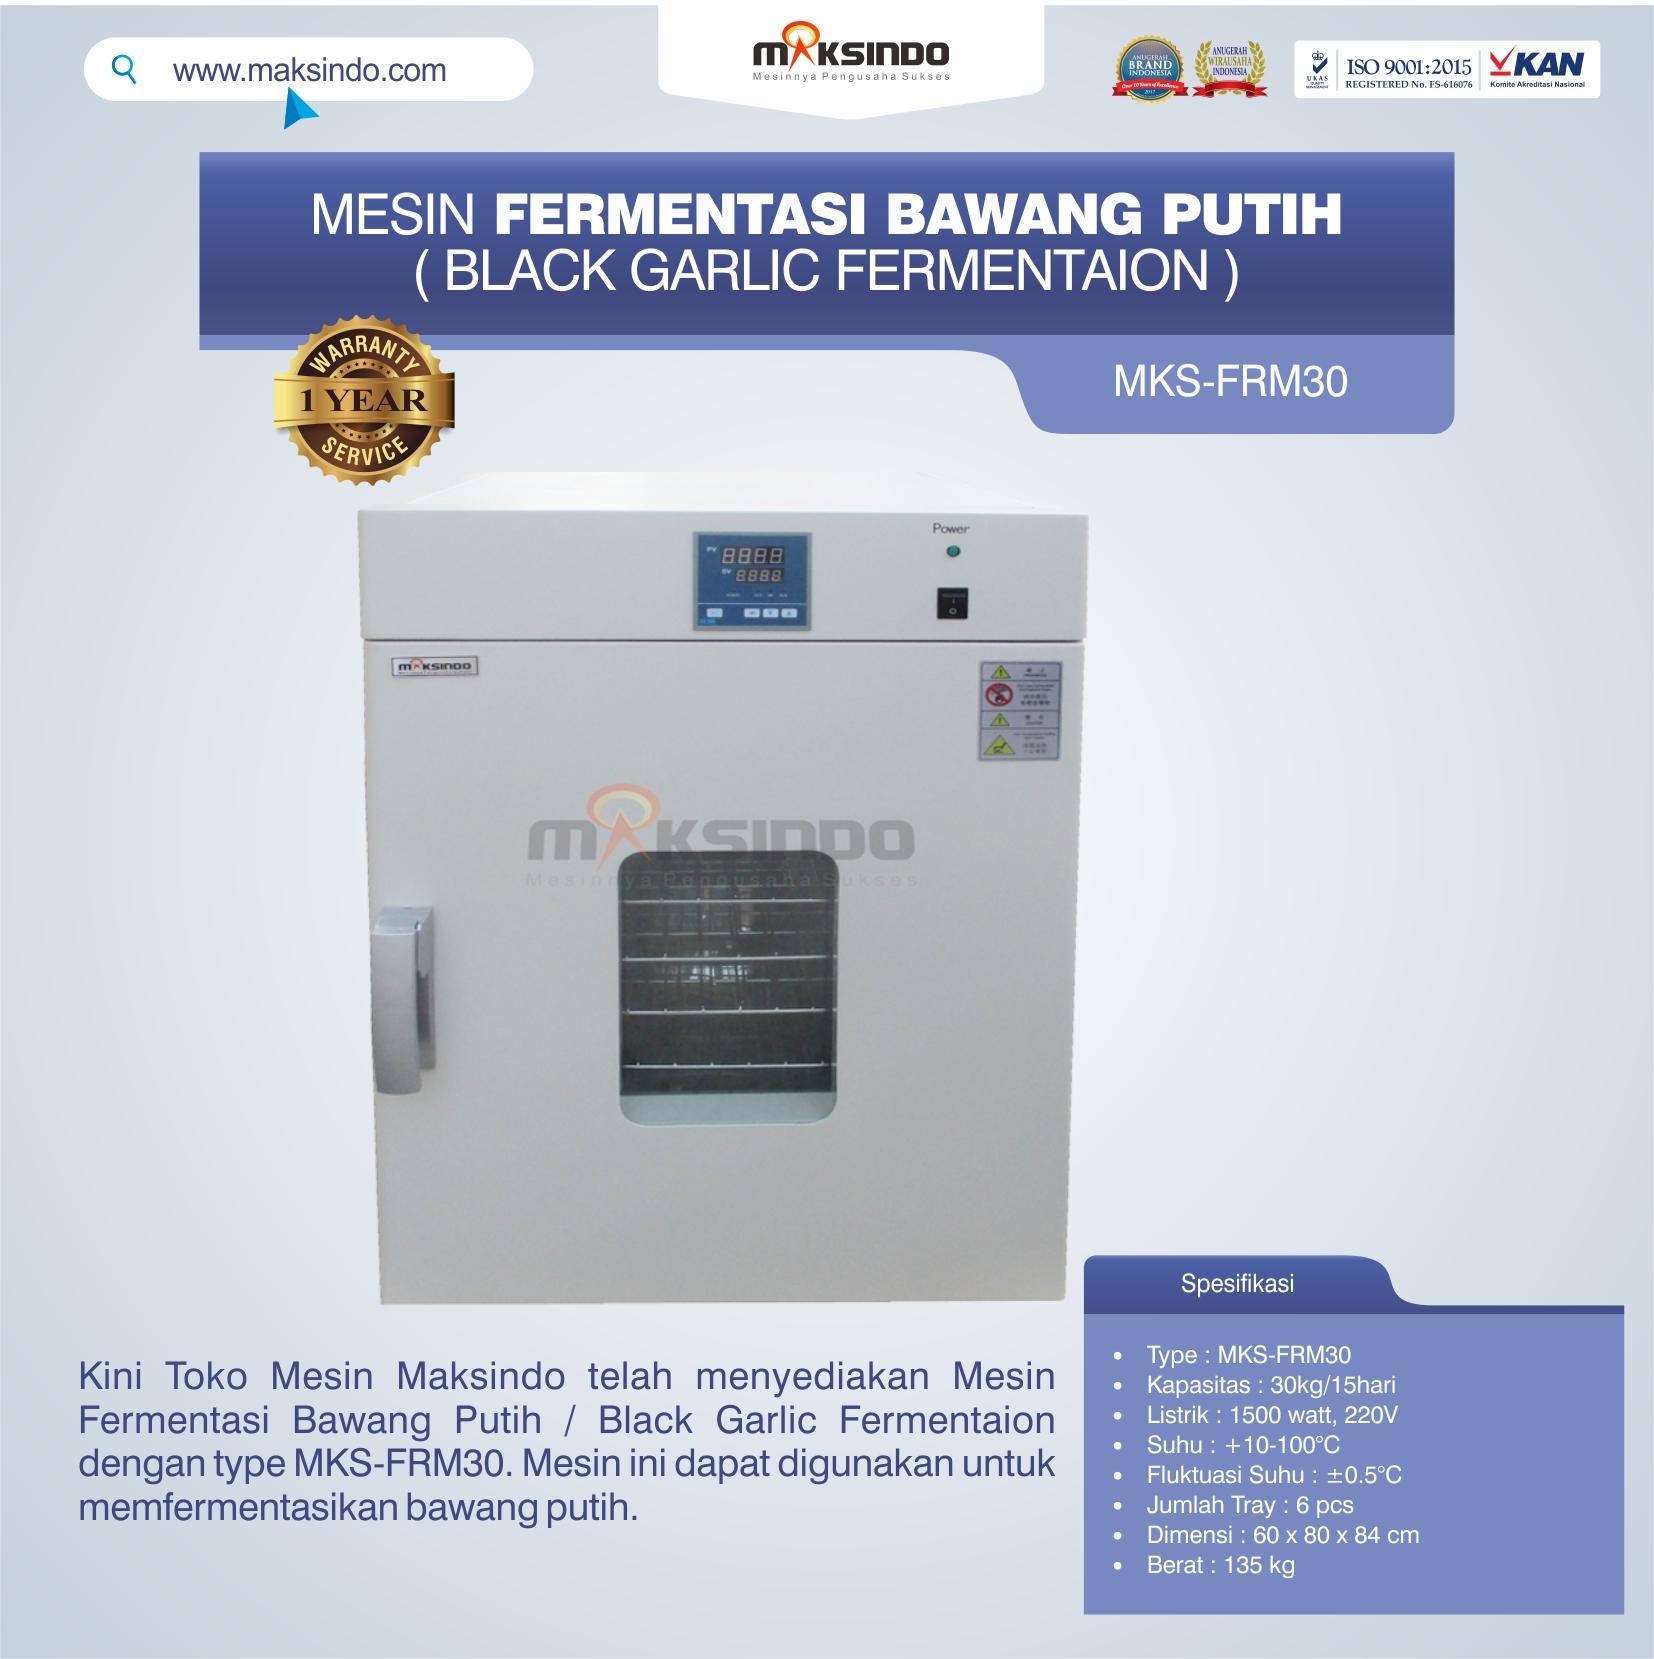 Jual Mesin Fermentasi Bawang Putih / Black Garlic Fermentaion MKS-FRM30 di Jakarta